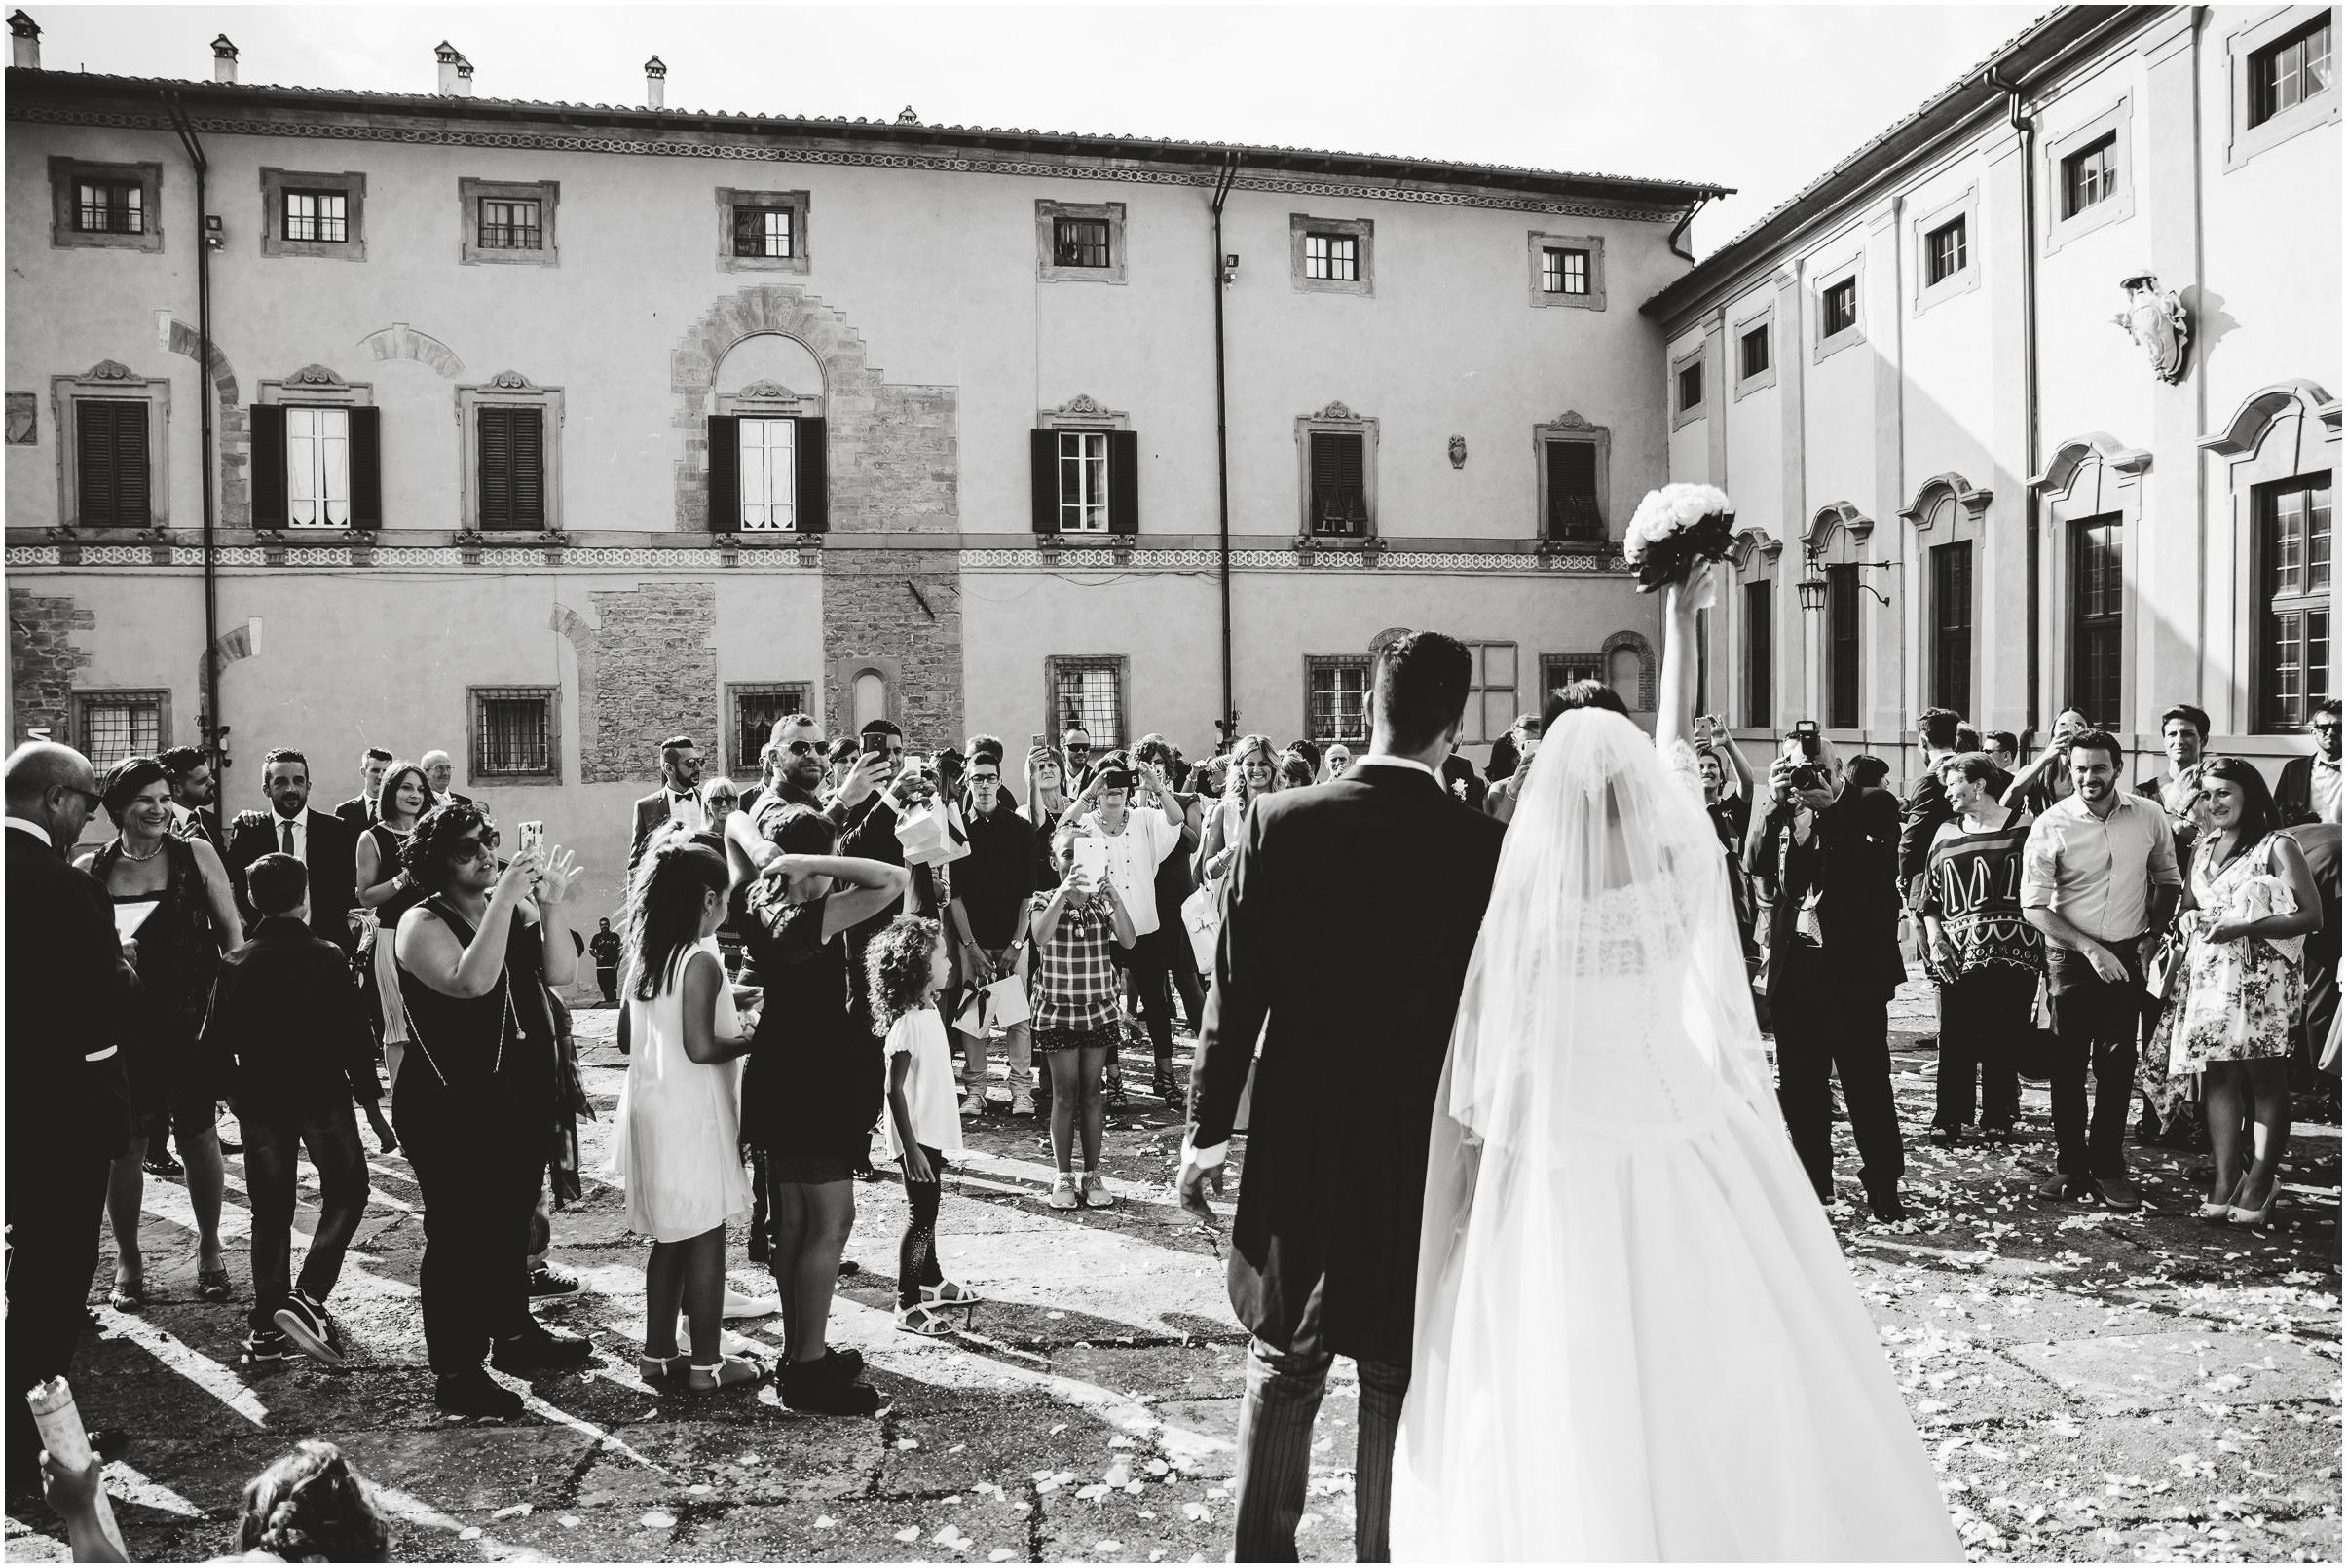 WEDDING-PHOTOGRAPHY-SARA-LORENZONI-FOTOGRAFIA-MATRIMONIO-AREZZO-TUSCANY-EVENTO-LE-SPOSE-DI-GIANNI-ELISA-LUCA028